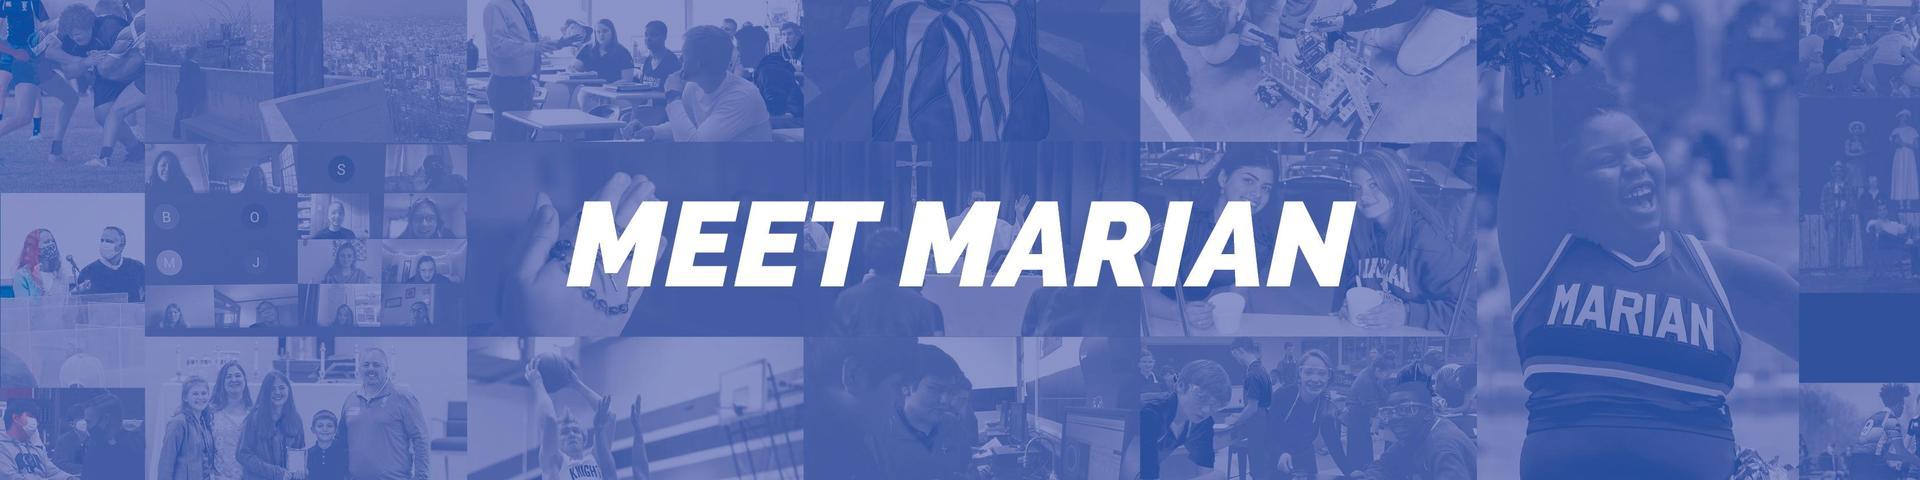 Meet Marian